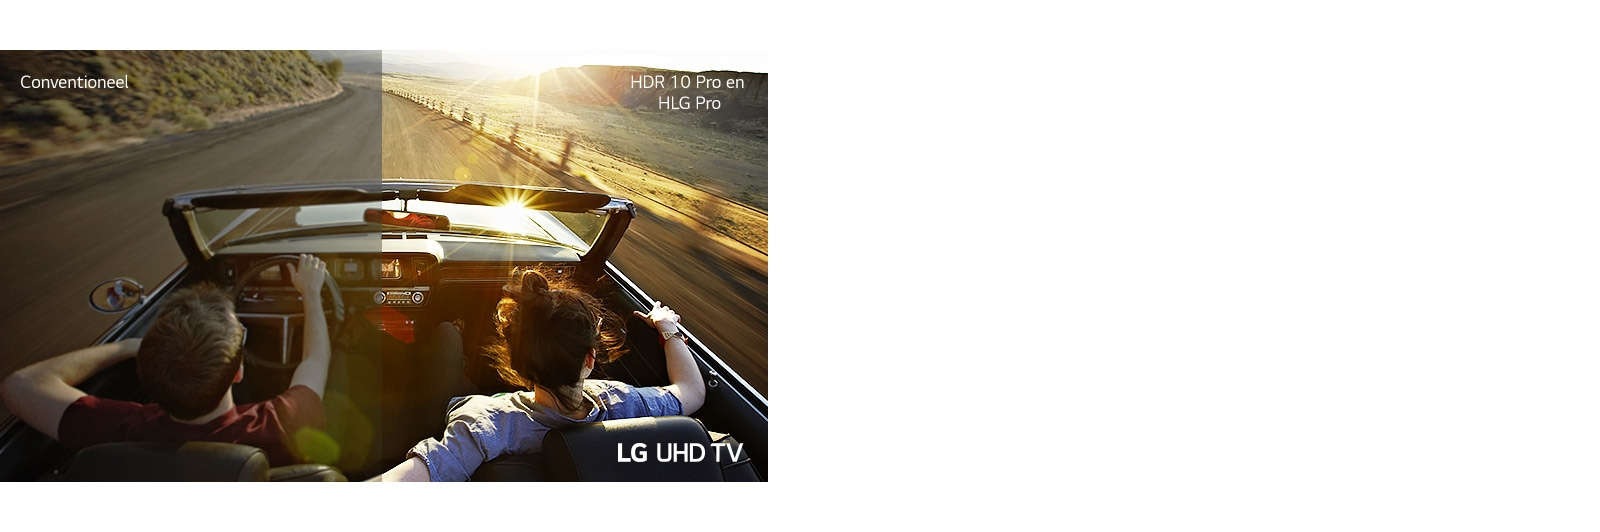 Een paar in een auto die over een weg rijdt. De helft wordt op een conventioneel scherm getoond met een slechte beeldkwaliteit. De andere helft wordt getoond met scherpe, levendige LG UHD TV-beeldkwaliteit.